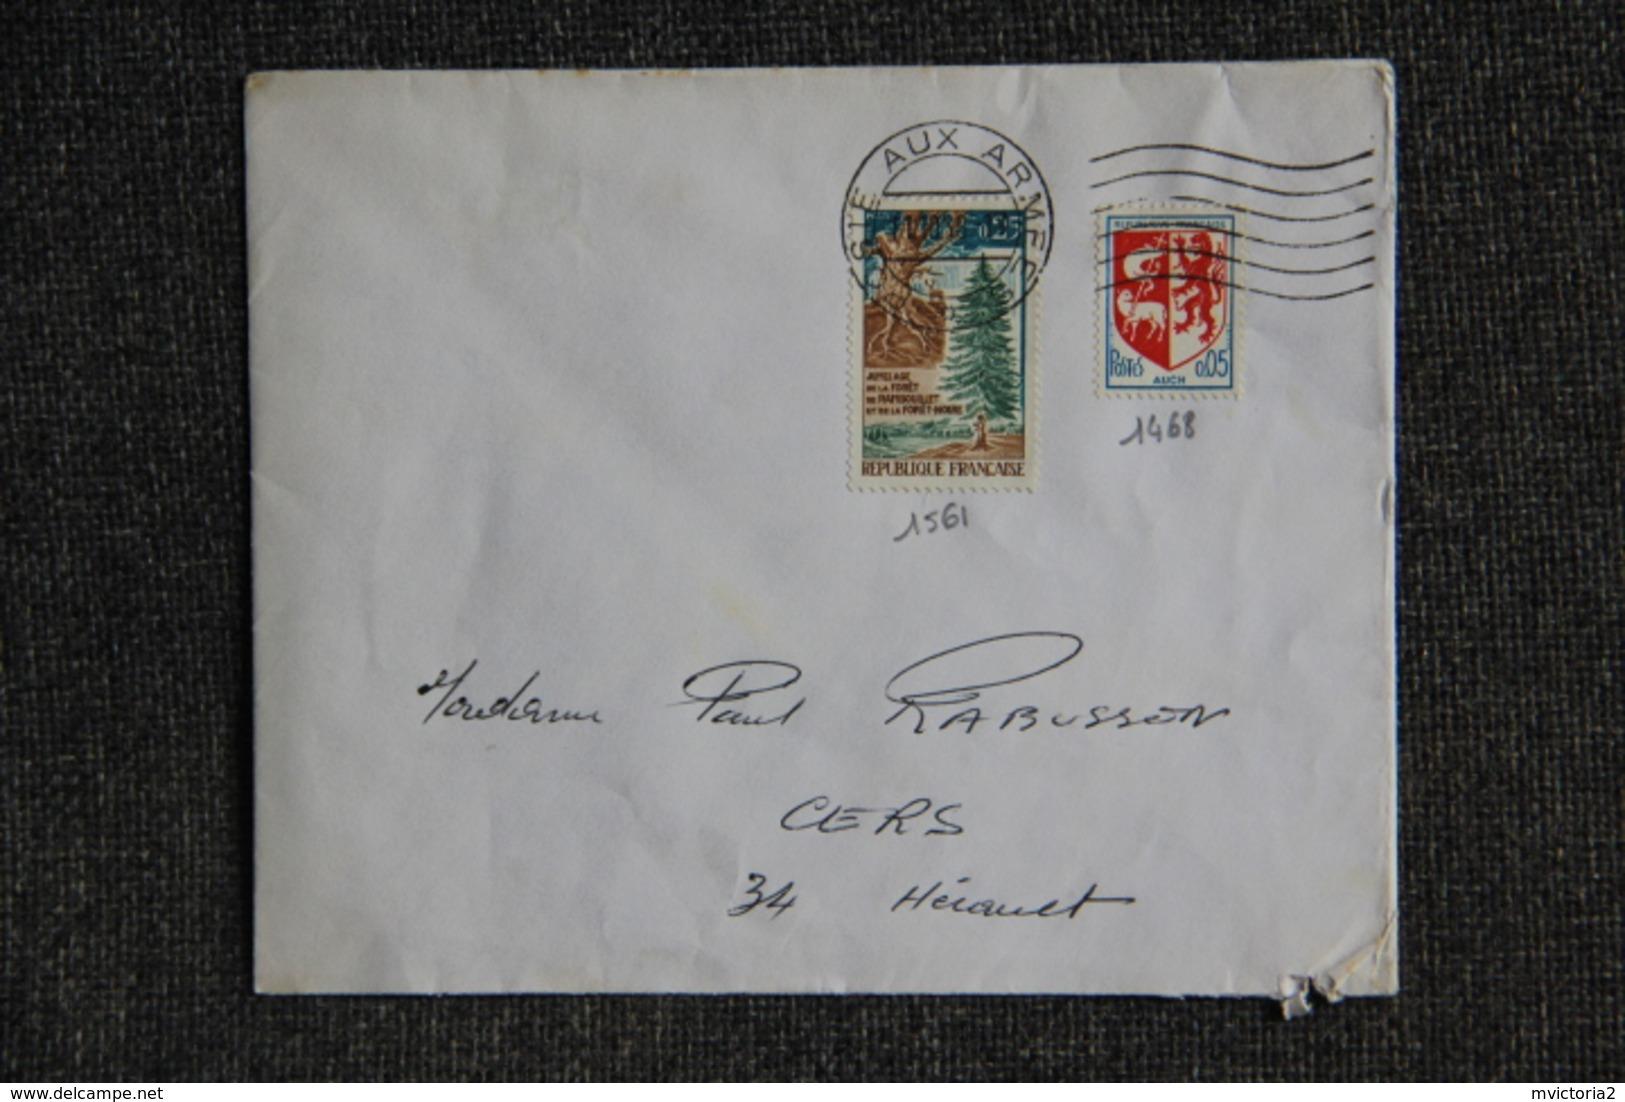 Lettre De FRANCE ( POSTE AUX ARMEES) -  N°1561 Et 1468 - France